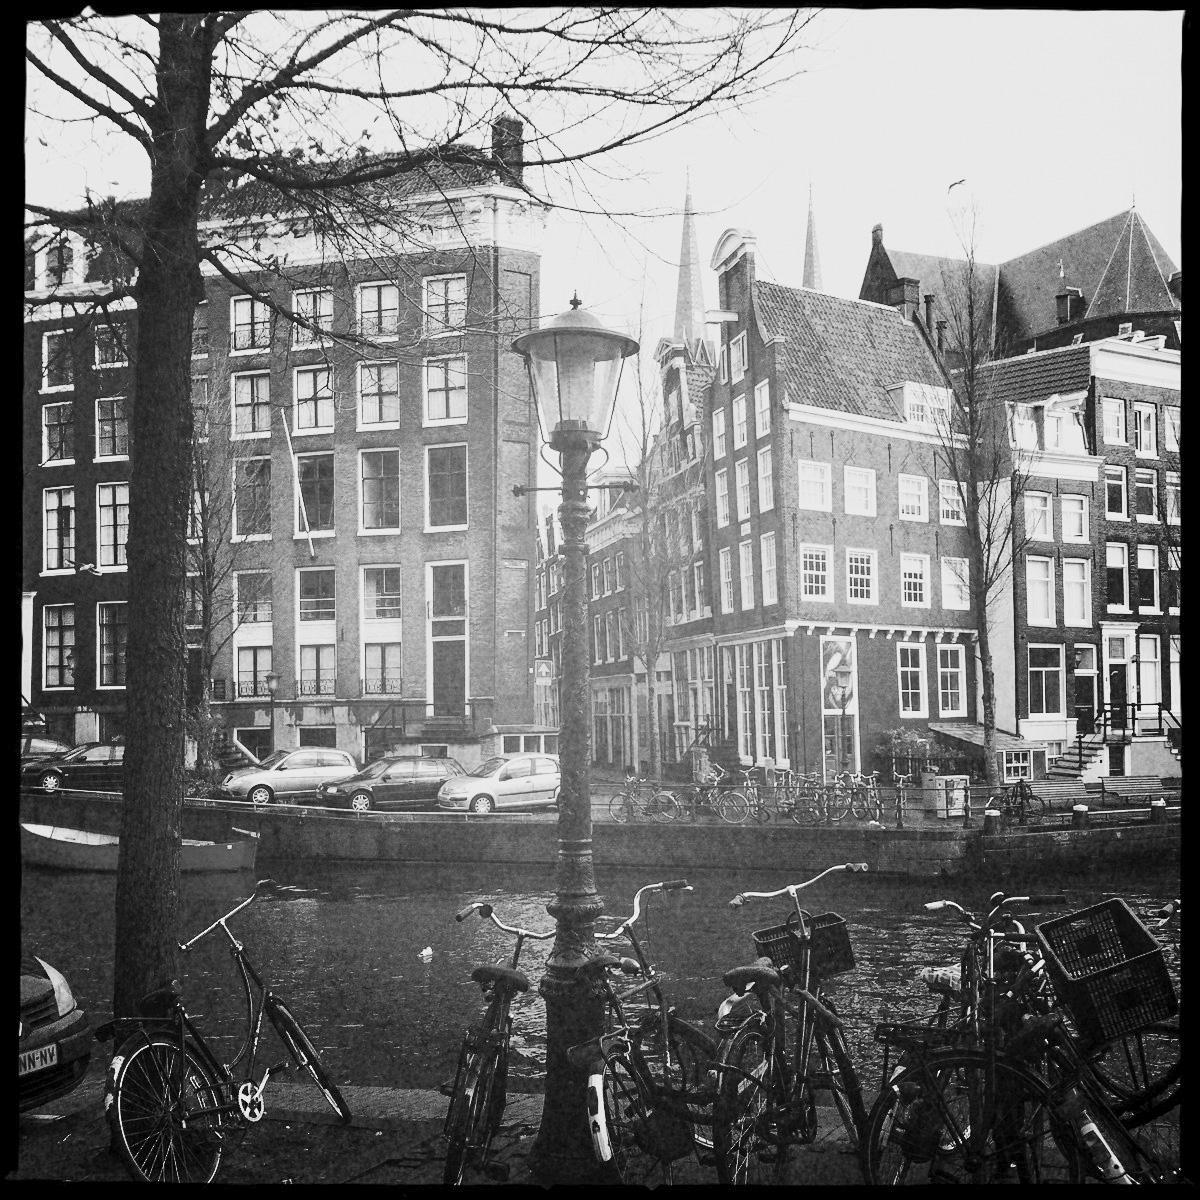 Amsterdam wie im Bilderbuch: Fahrräder, schiefe Häuser, Gracht und Laterne